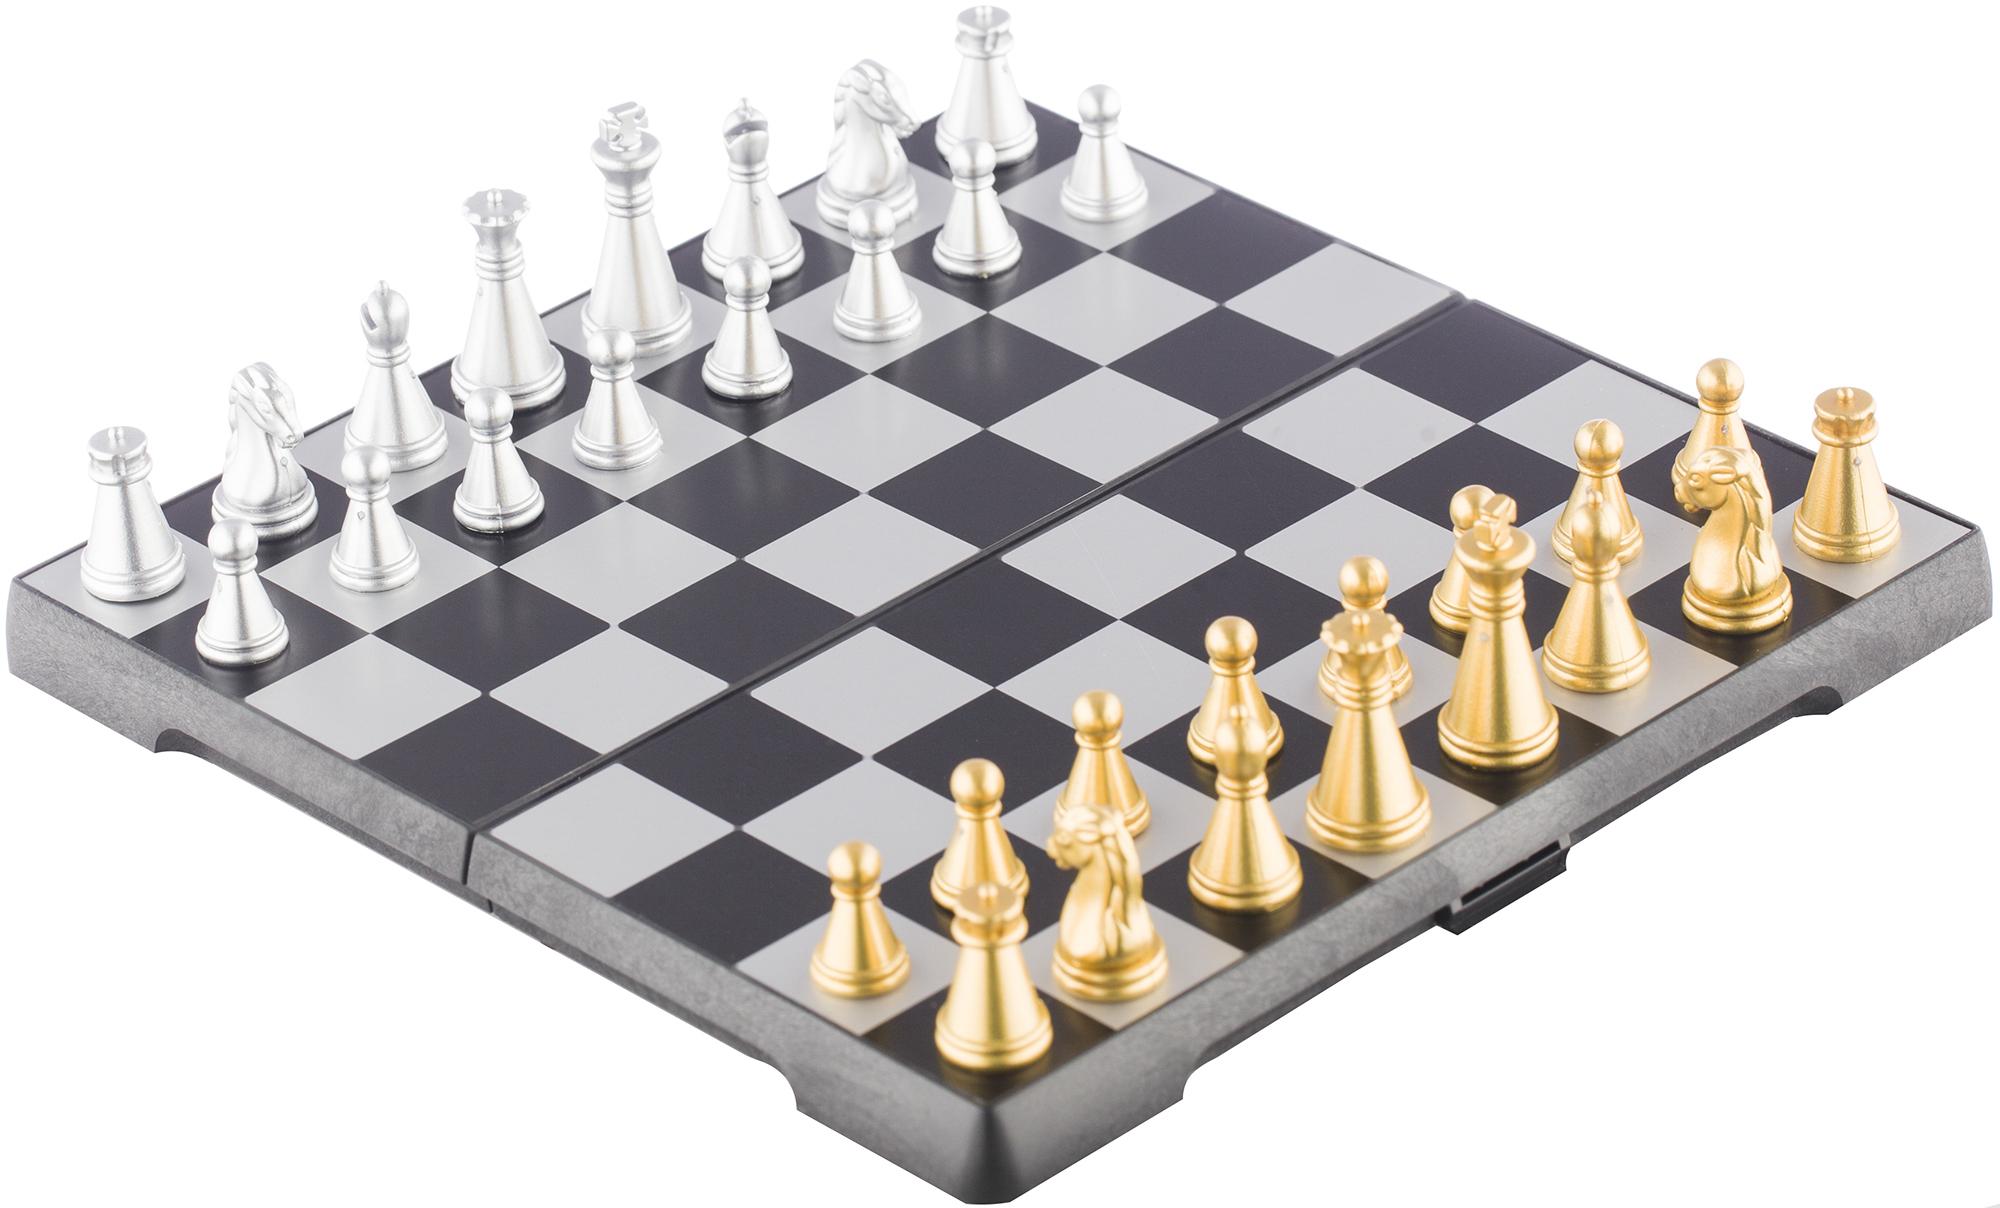 Torneo Игра Шахматы дорожные